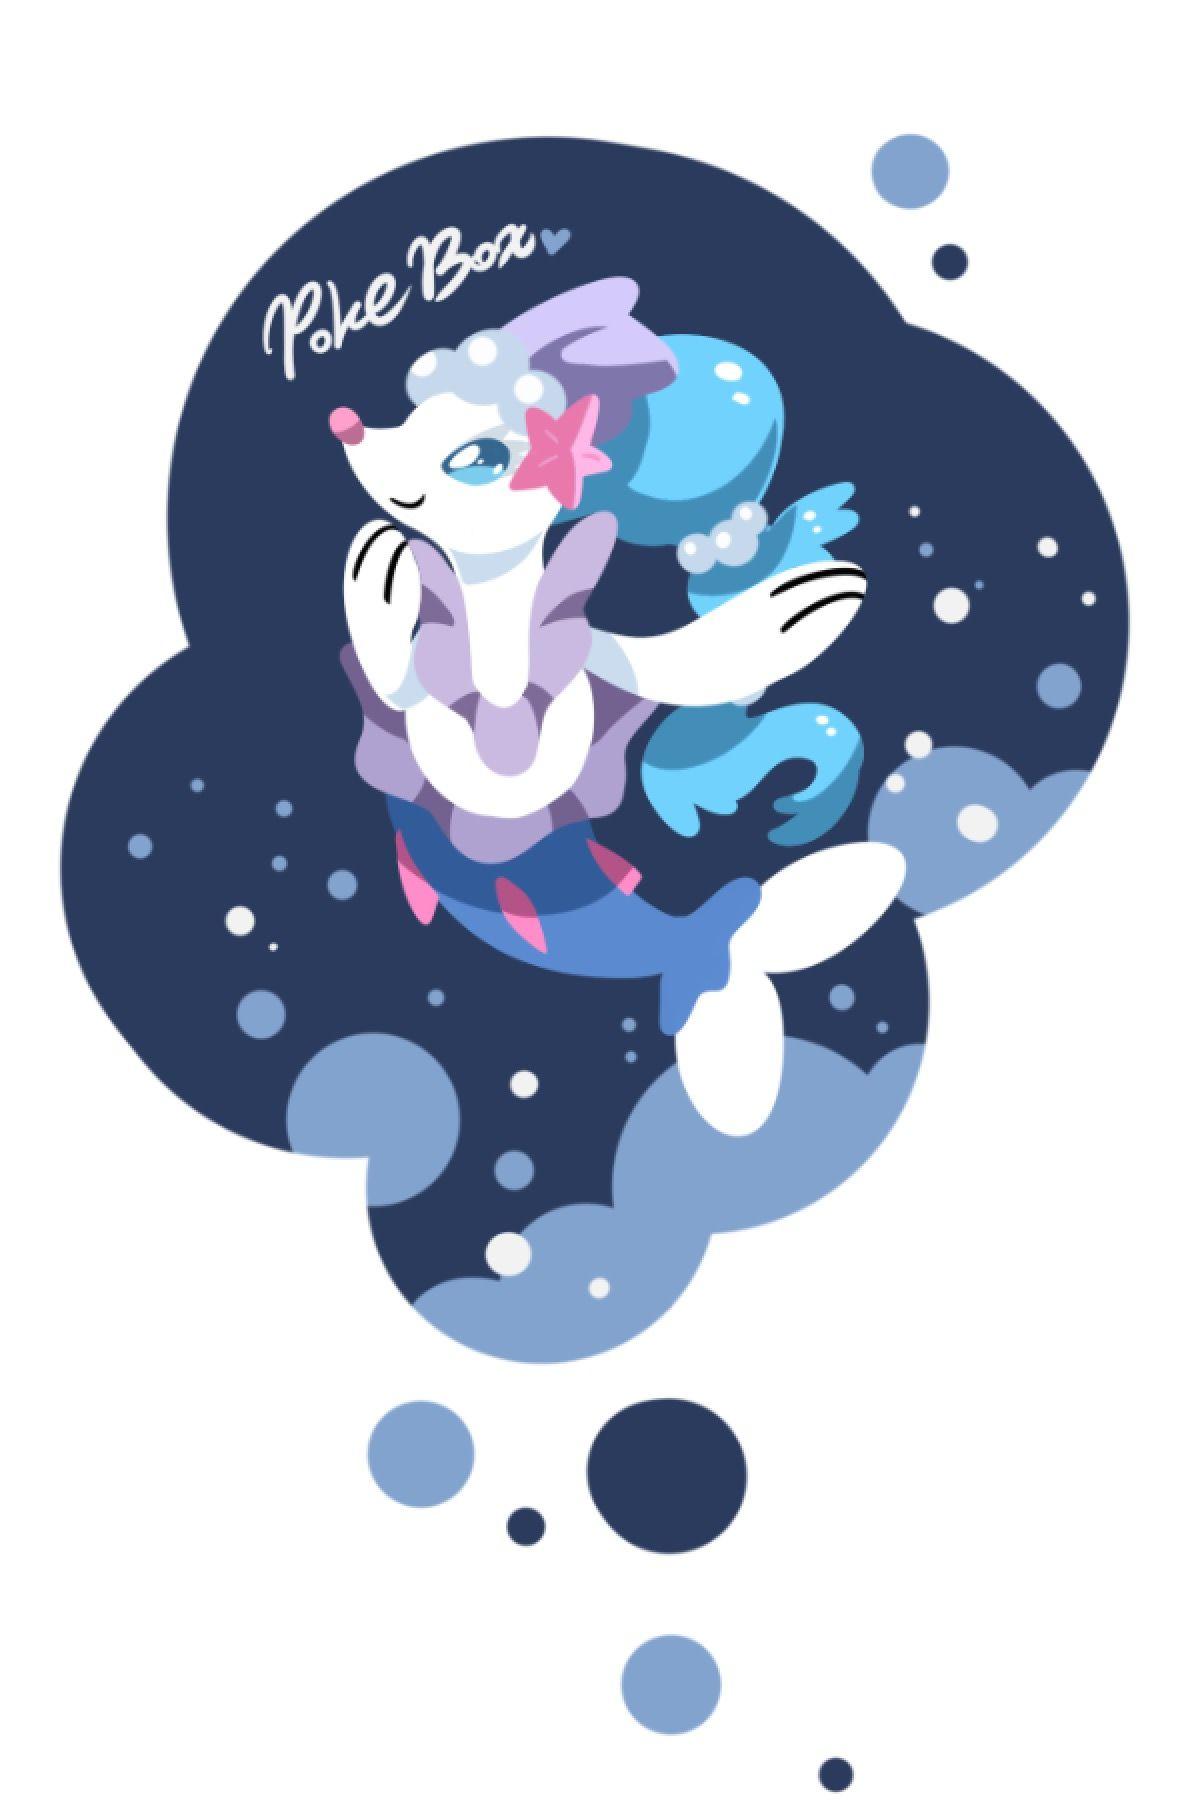 人魚姫「アシレーヌ」 | ポケモン | ポケモン、人魚姫、ポケモン イラスト